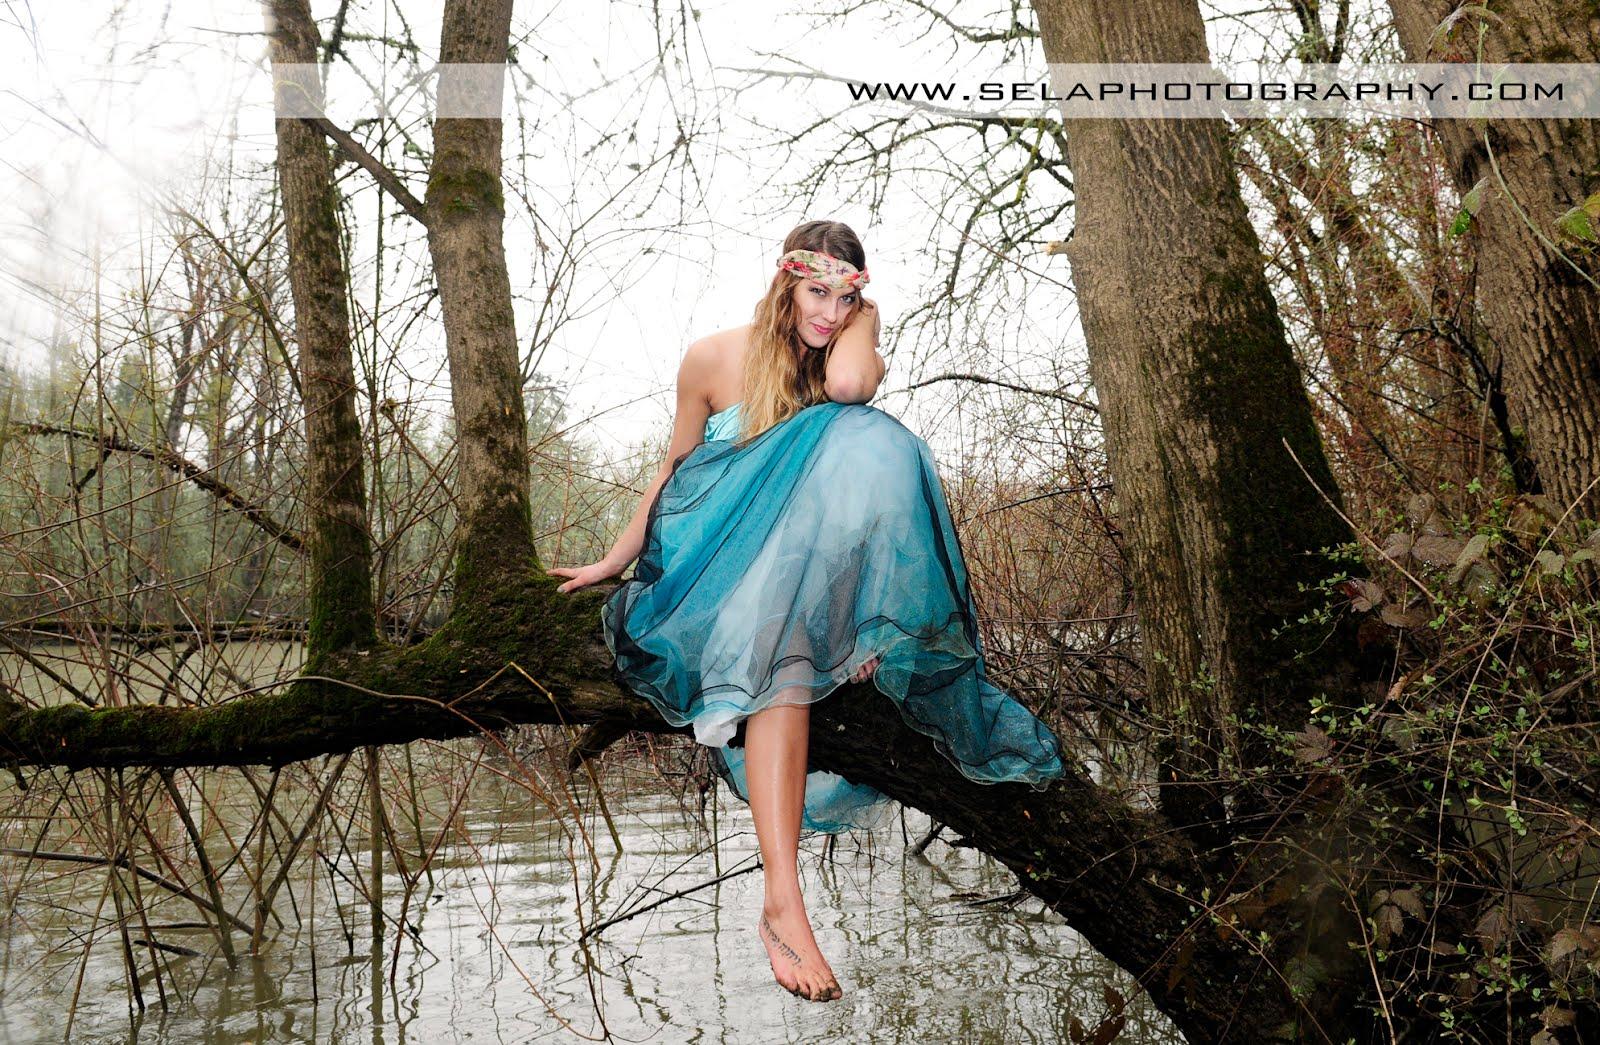 Prom Dress in Mud